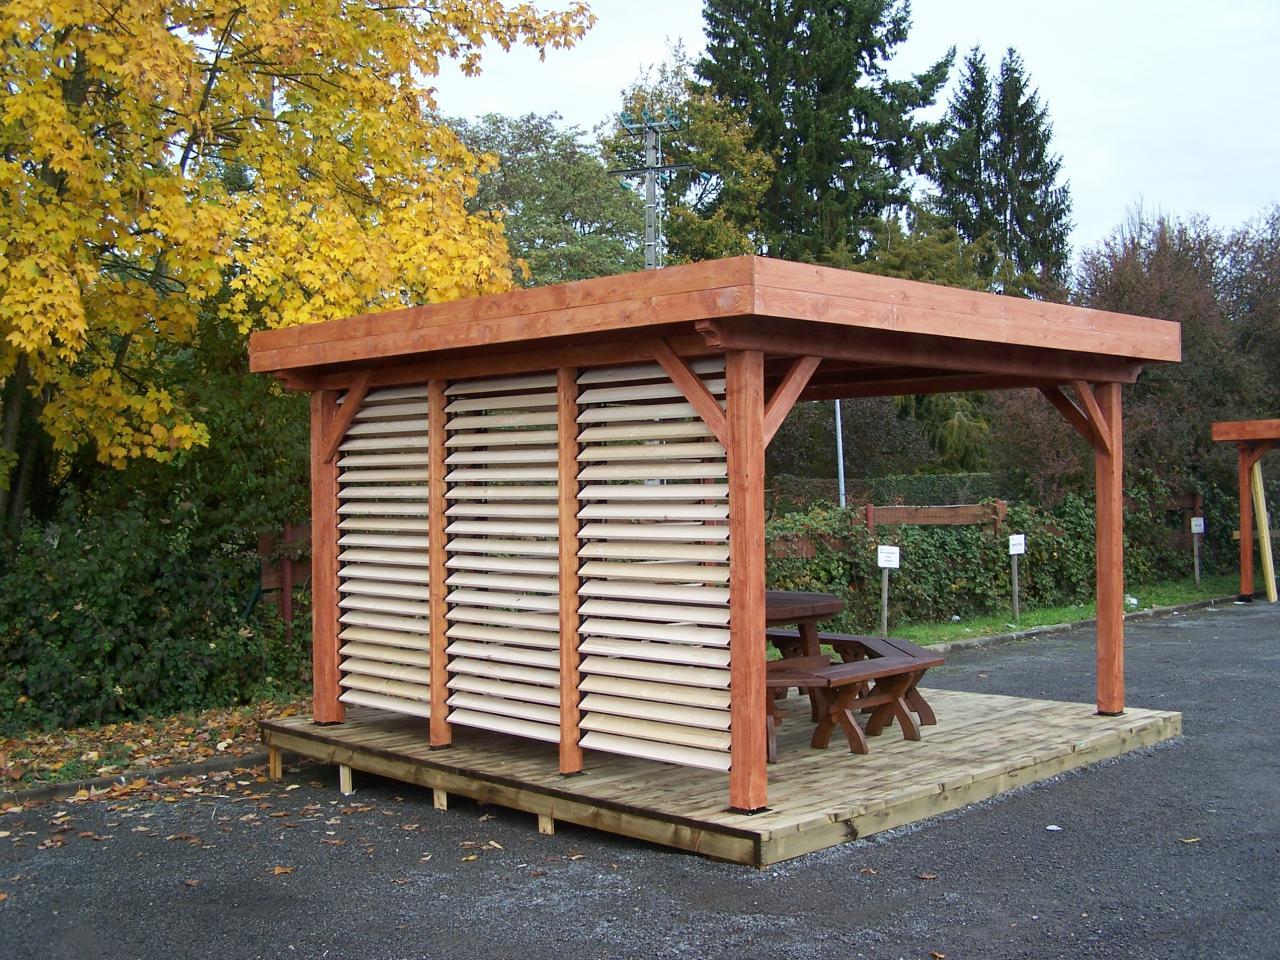 vente de mobilier de jardin dans l eure abris pergolas carports en bois